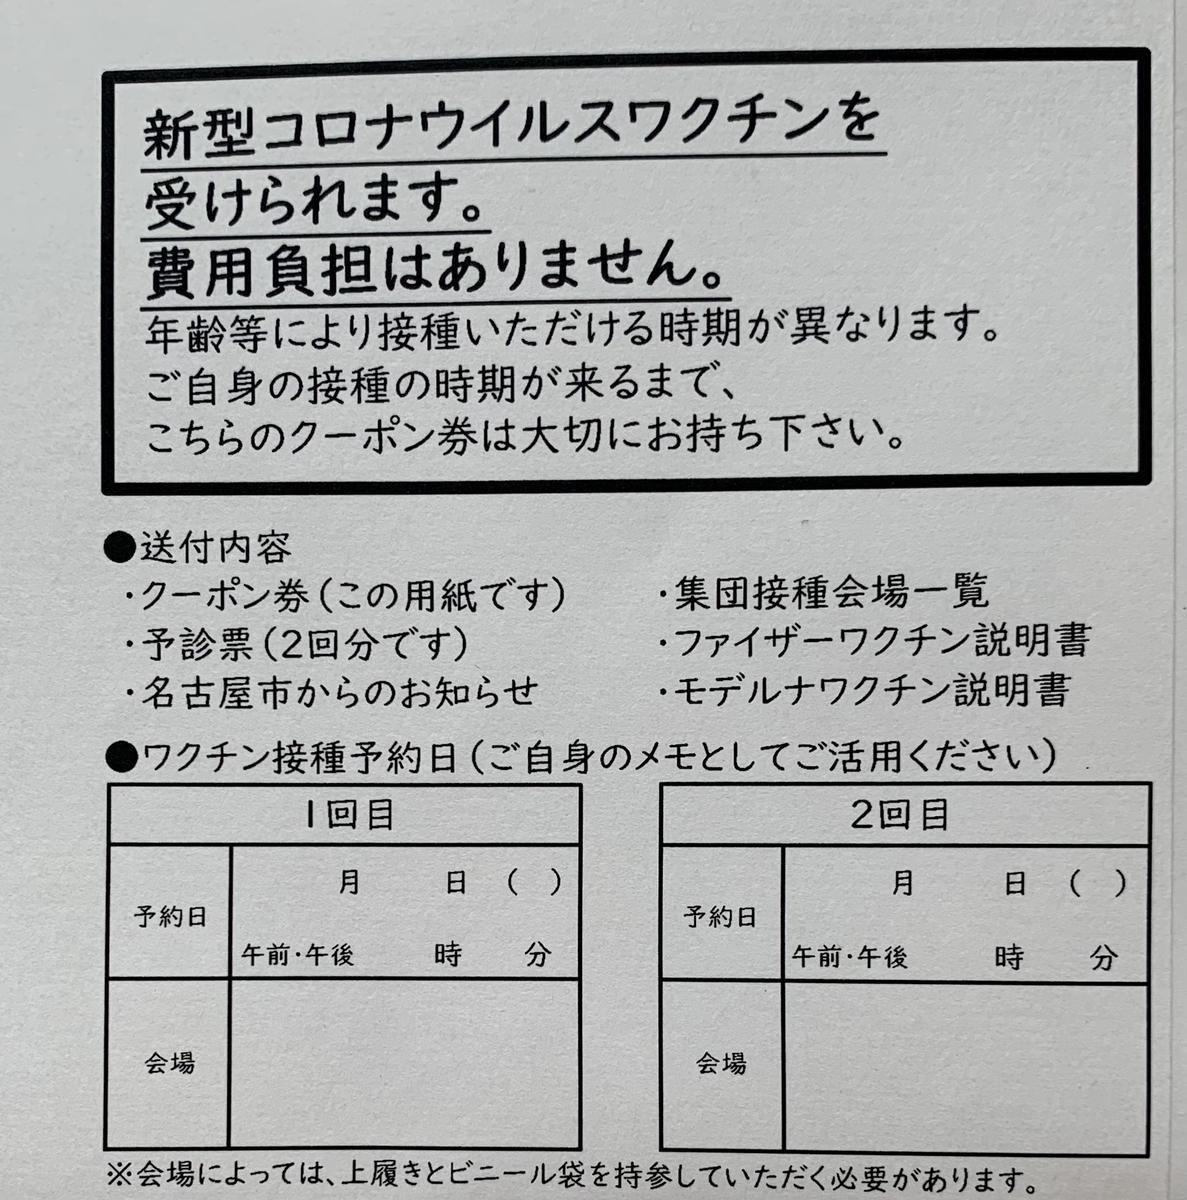 f:id:suzu20132013:20210819221625j:plain